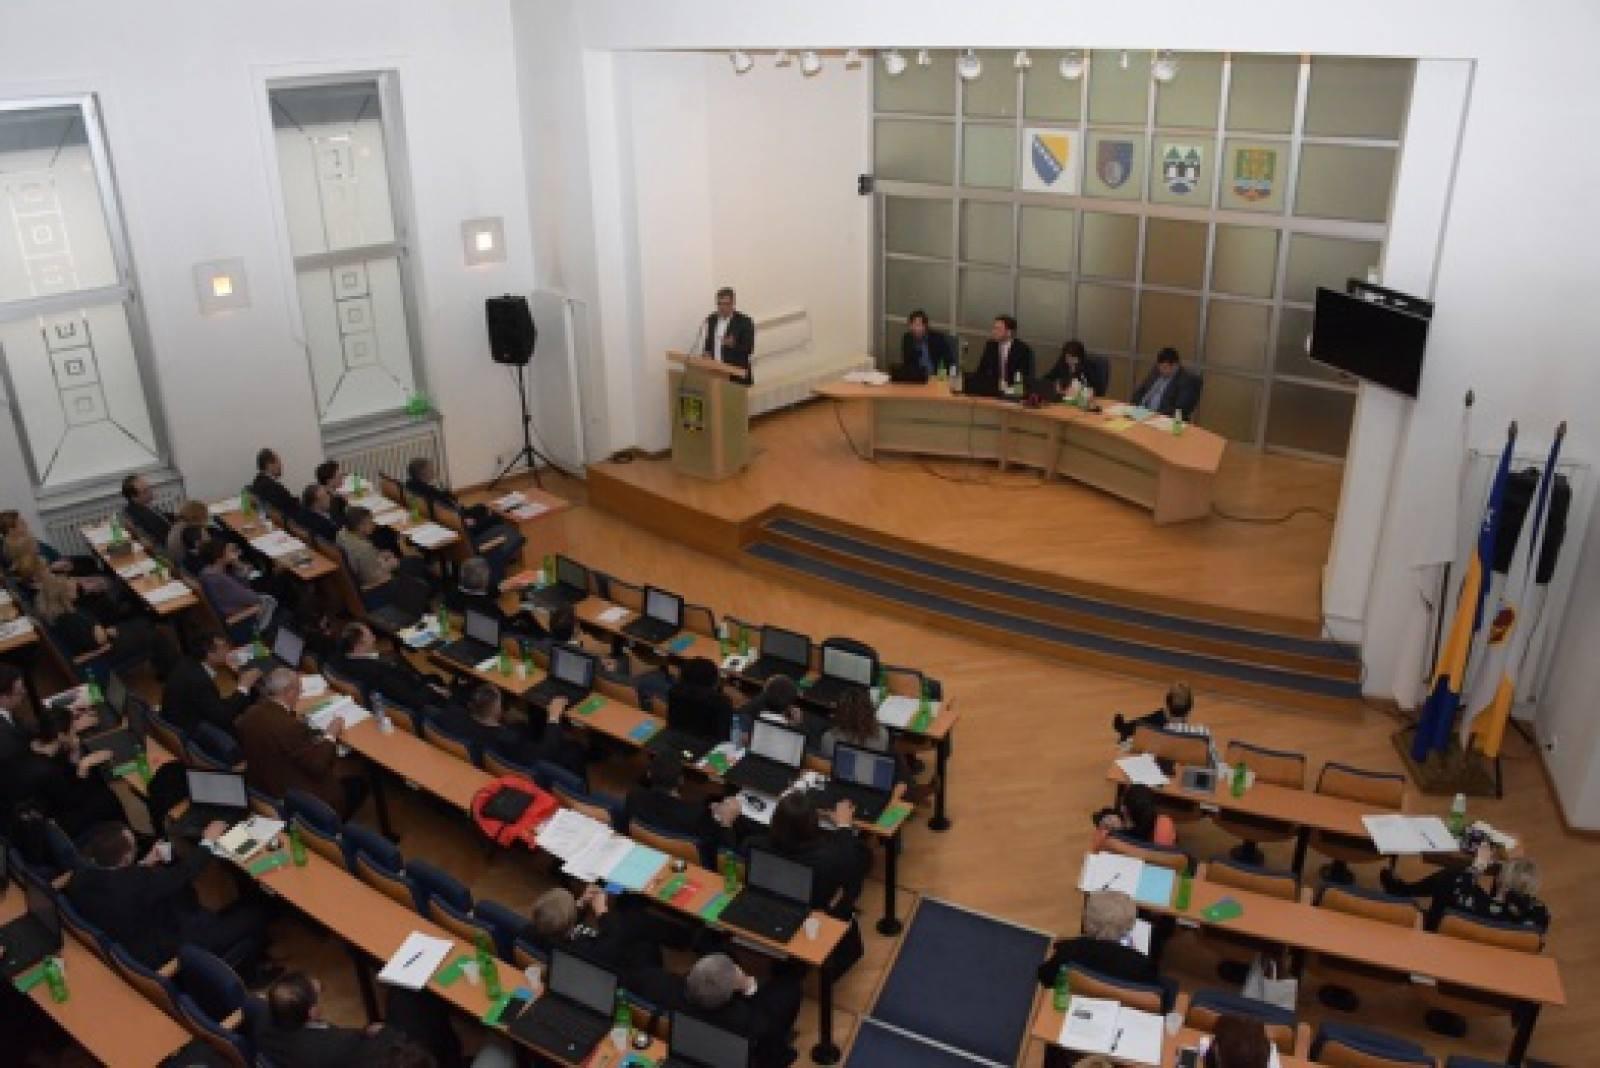 Poziv svim strankama u Općini Centar da glasaju protiv osnivanja CENTAR INVEST d.o.o.